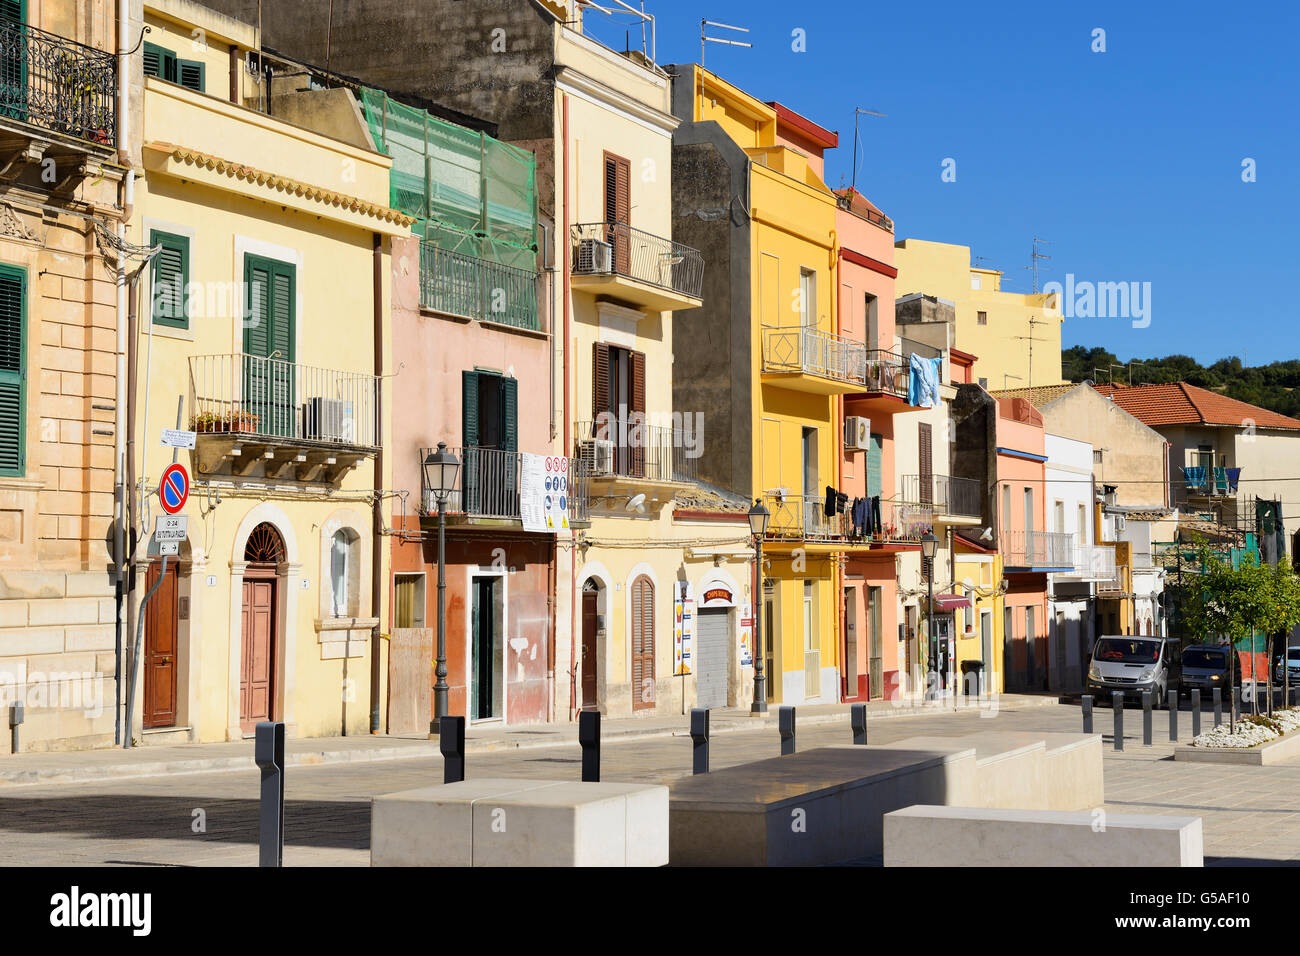 Farbenfrohe Gebäude in Via Giardino in Ragusa Ibla, Sizilien, Italien Stockbild